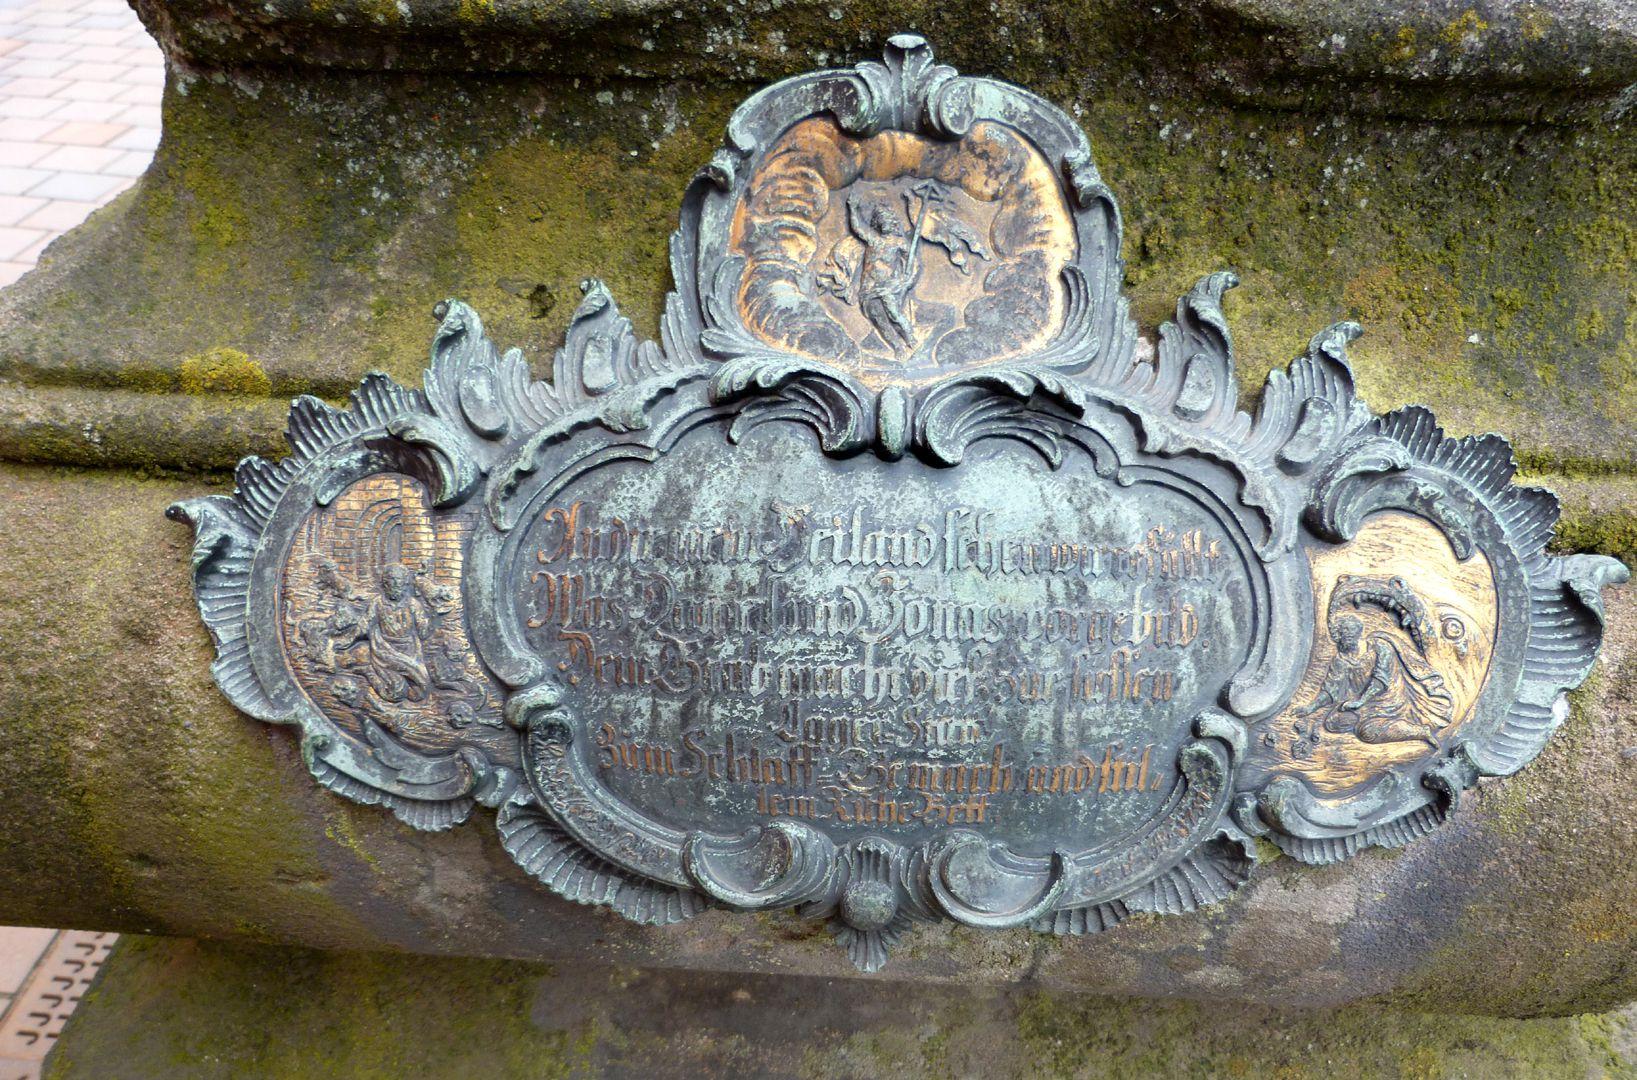 Tumba des Daniel Weidner und Ehefrau Maria Regina Leutner Rokokokartusche an der Ostseite